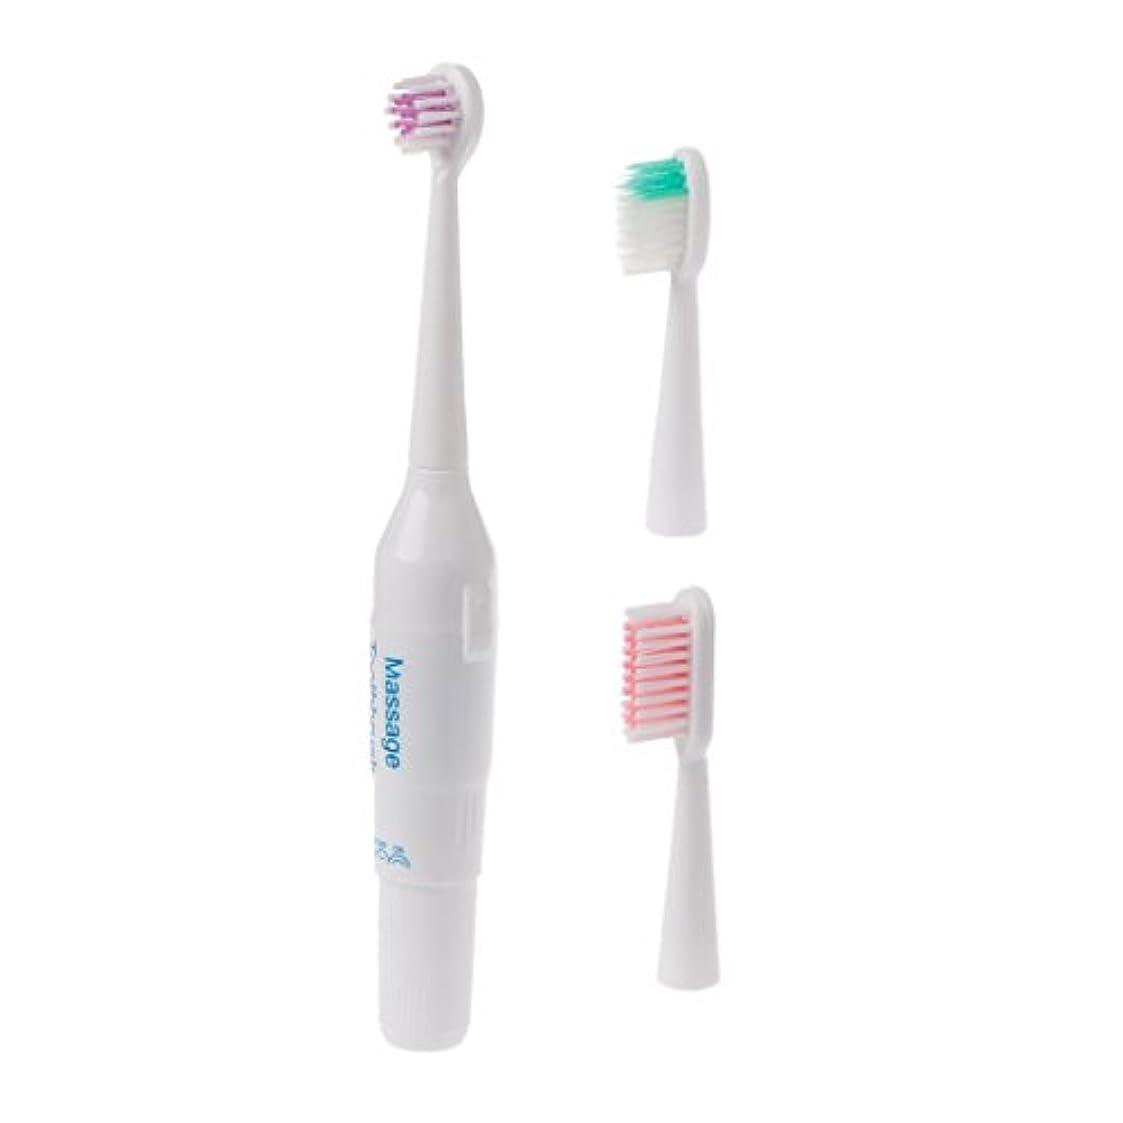 地上の強調するレビューManyao キッズプロフェッショナル口腔ケアクリーン電気歯ブラシパワーベビー用歯ブラシ